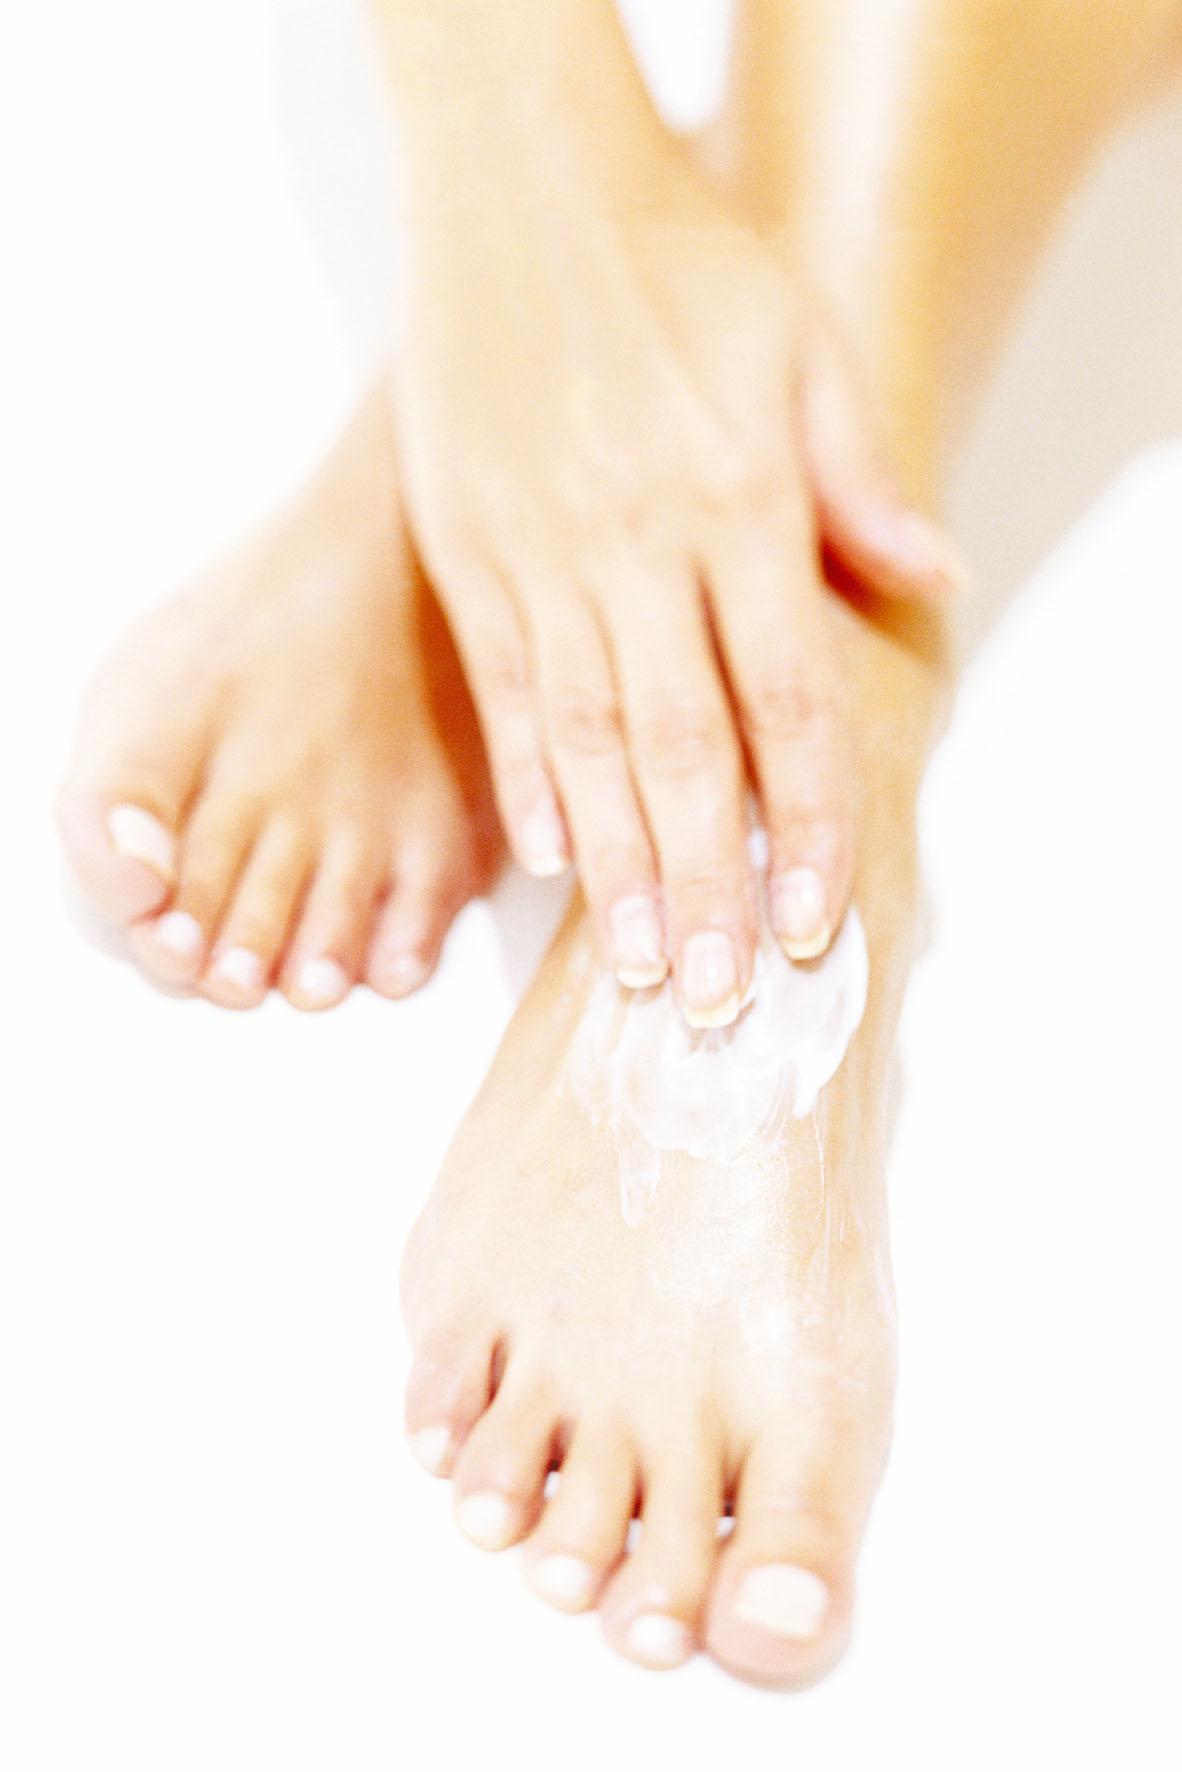 Hände und Füße freuen sich über eine gehaltvolle Pflege mit Kartoffelsaft.